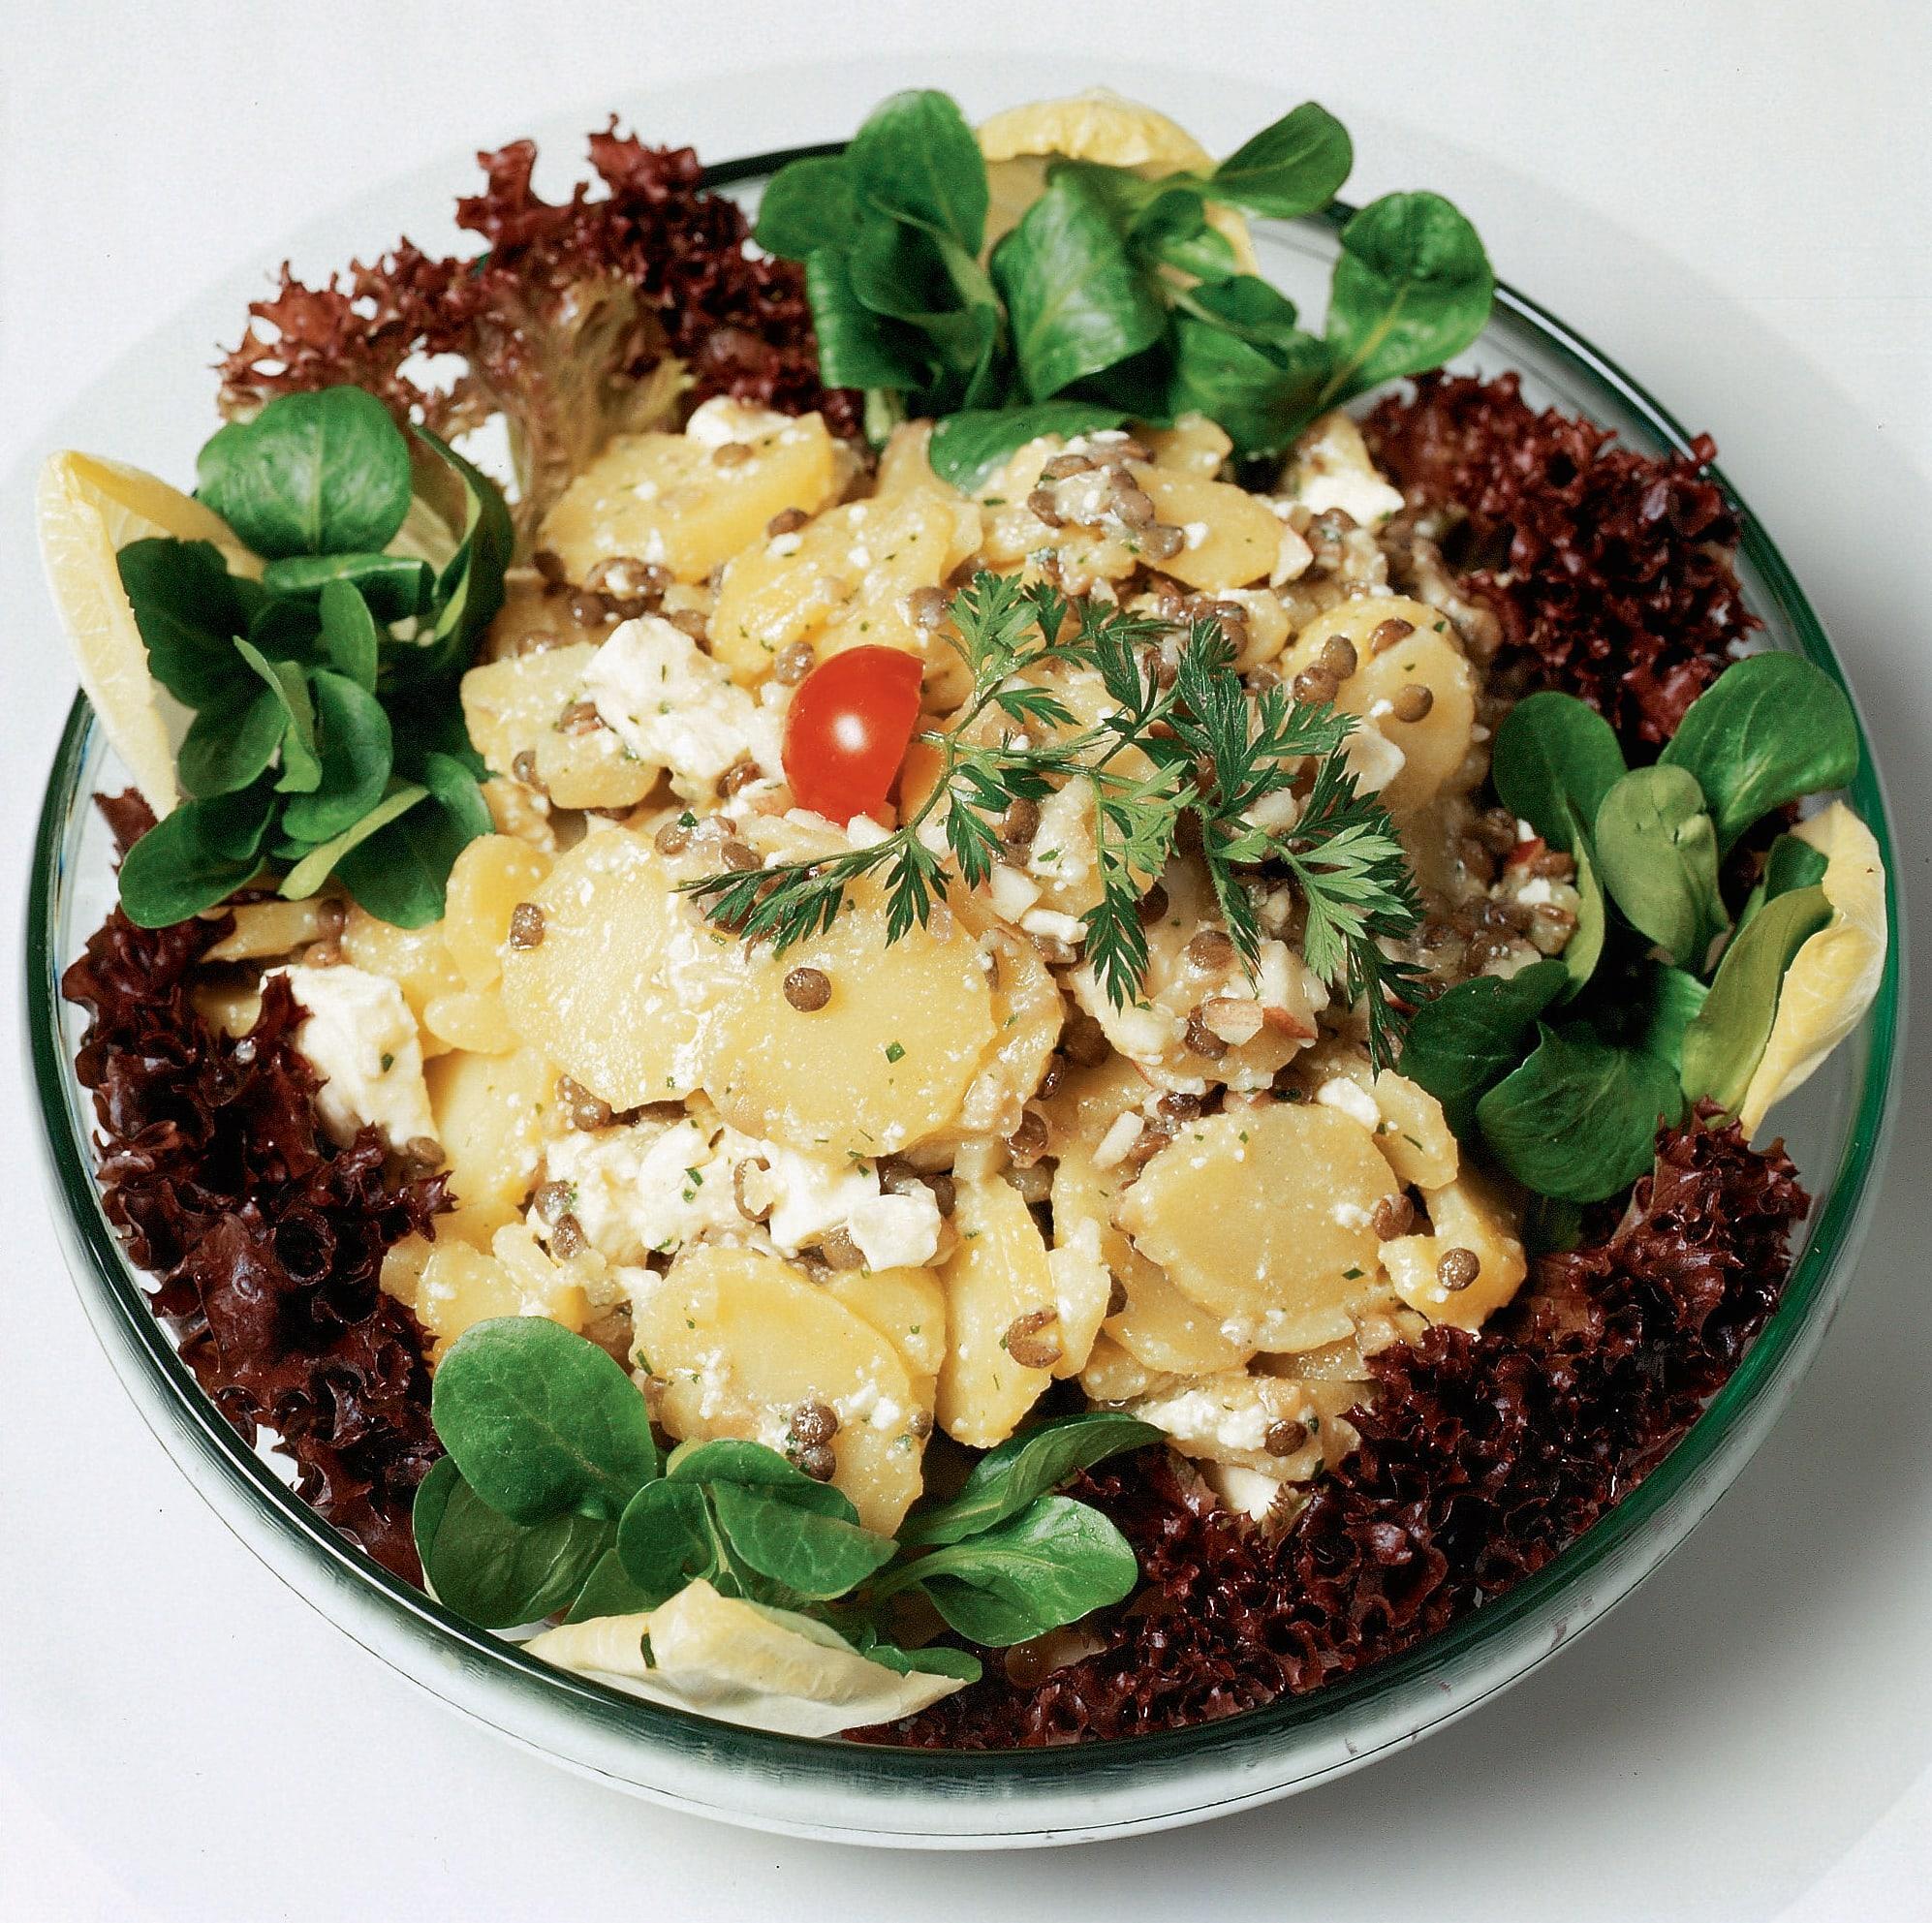 Salade de lentilles et de pommes de terre